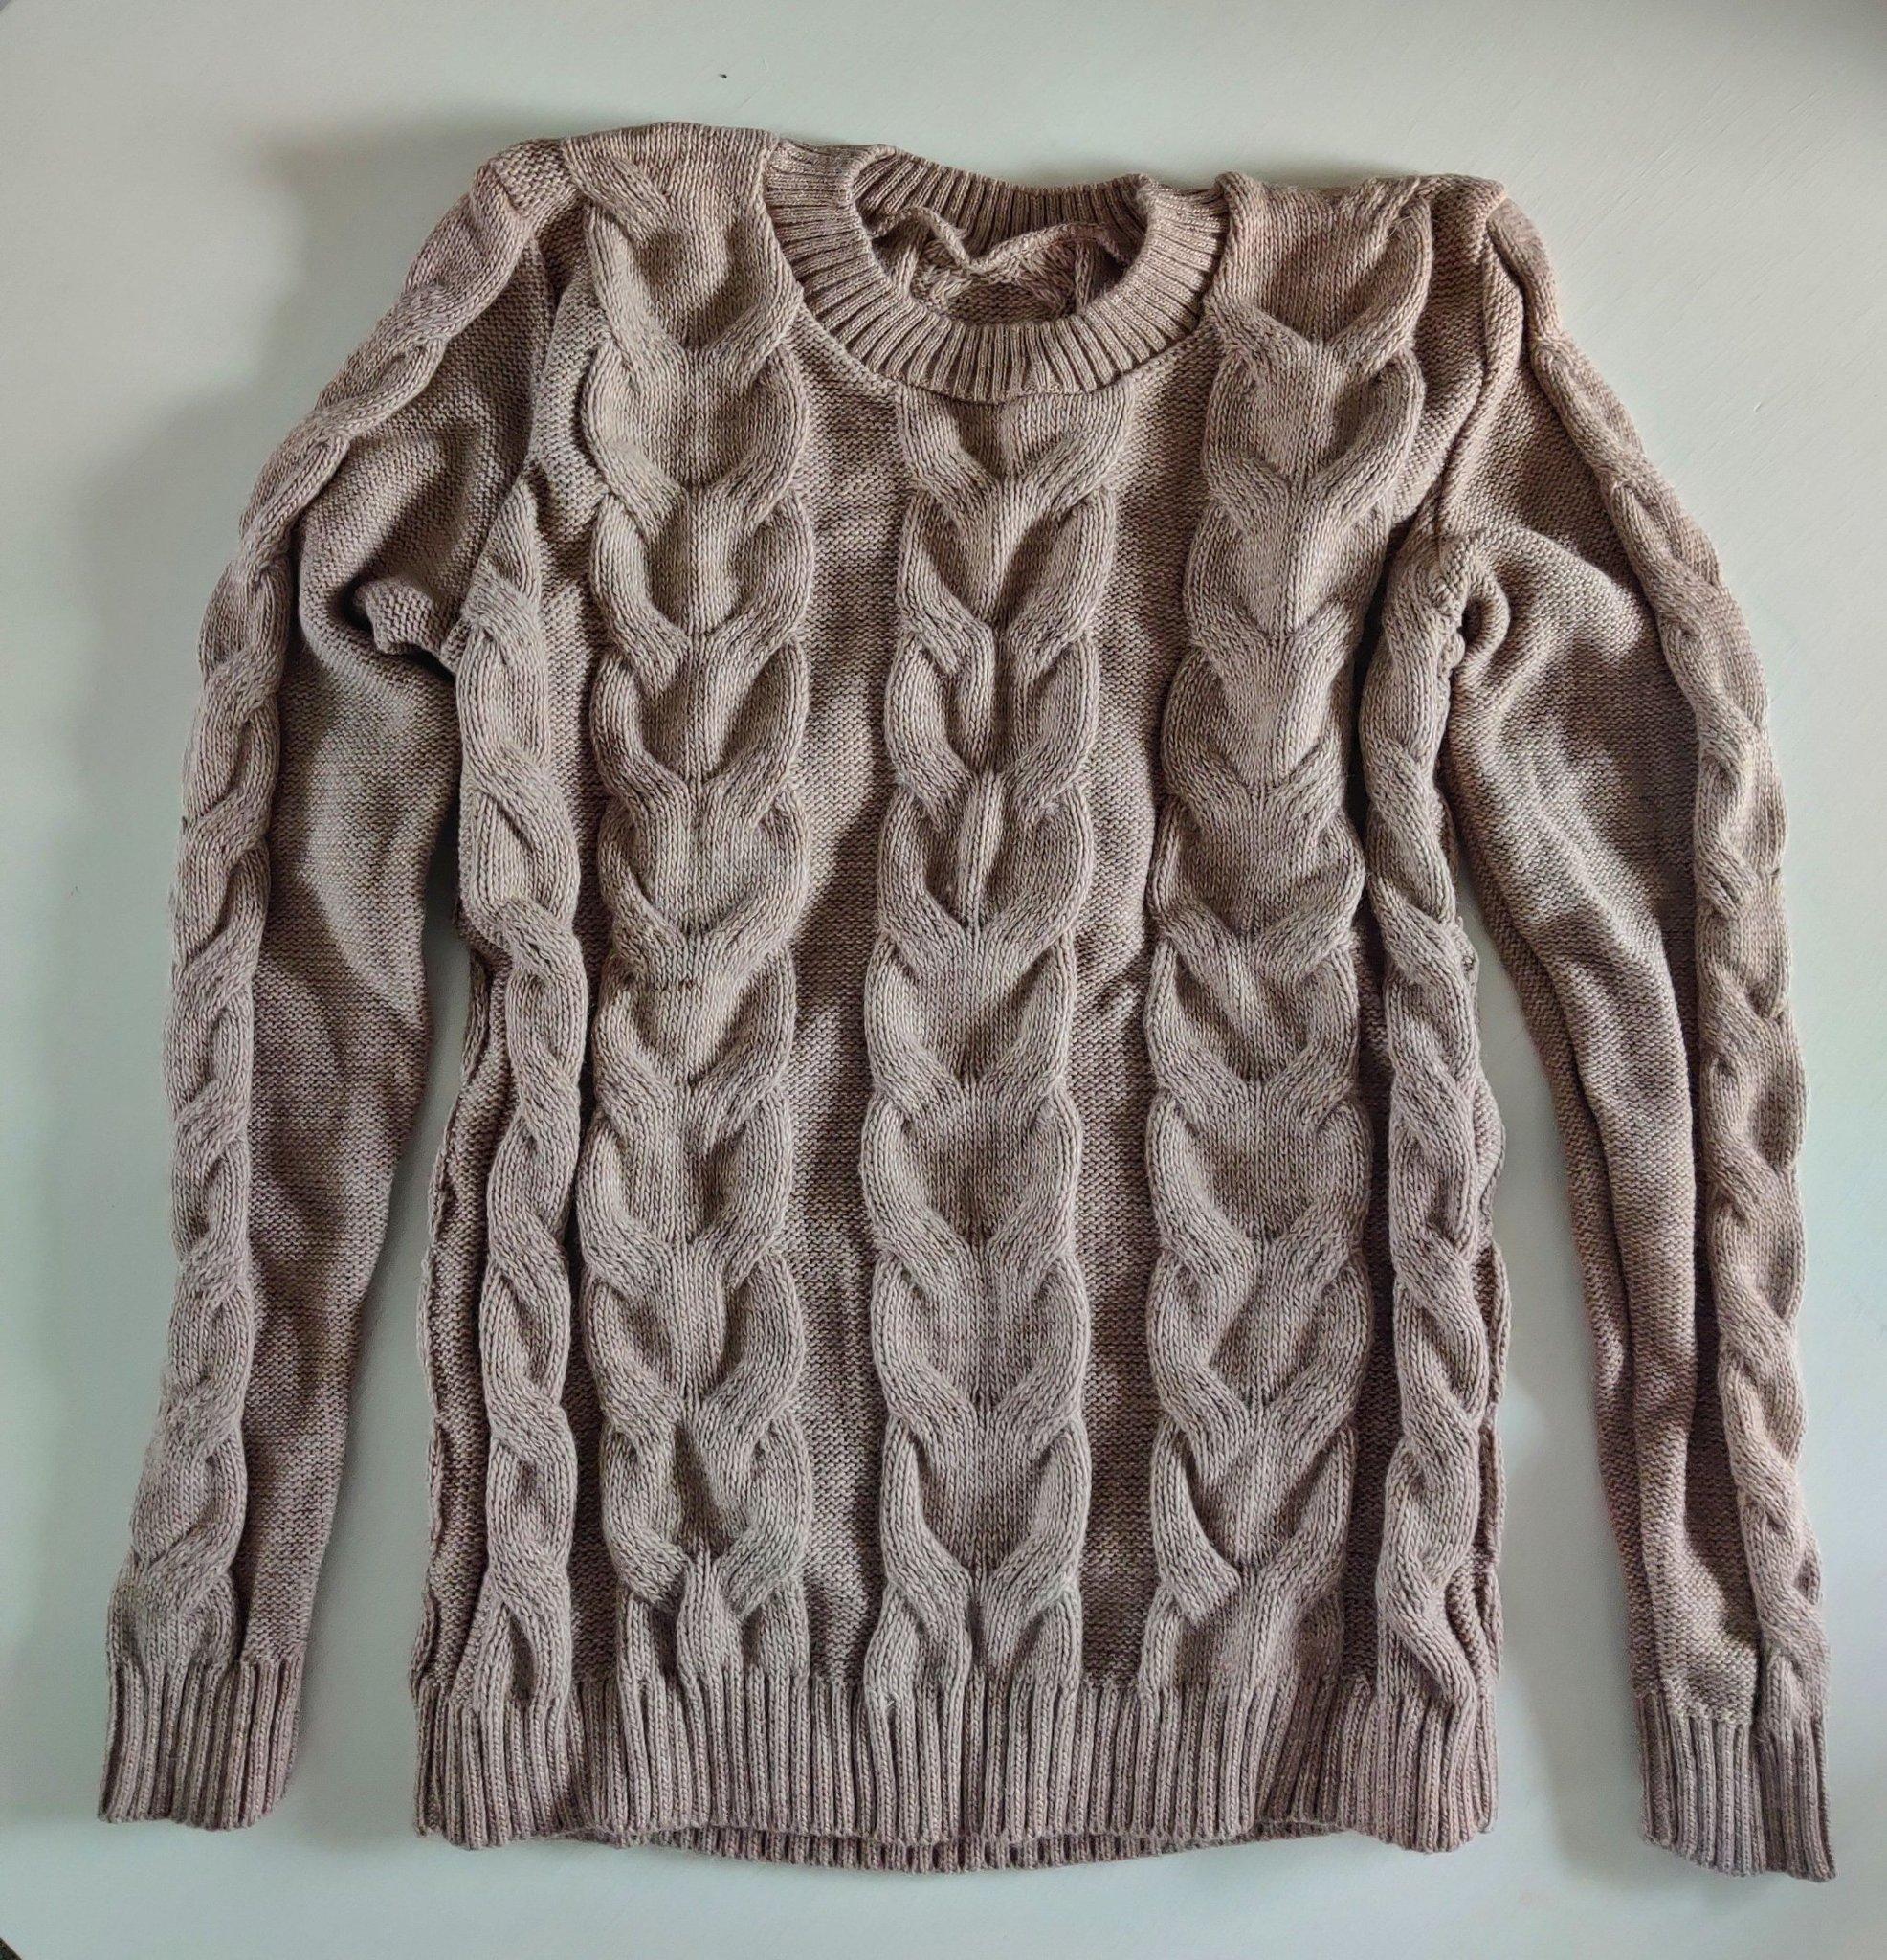 Utförsäljning! Gotländsk handstickad långärmad tröja ljusbrun. 70% ull. M